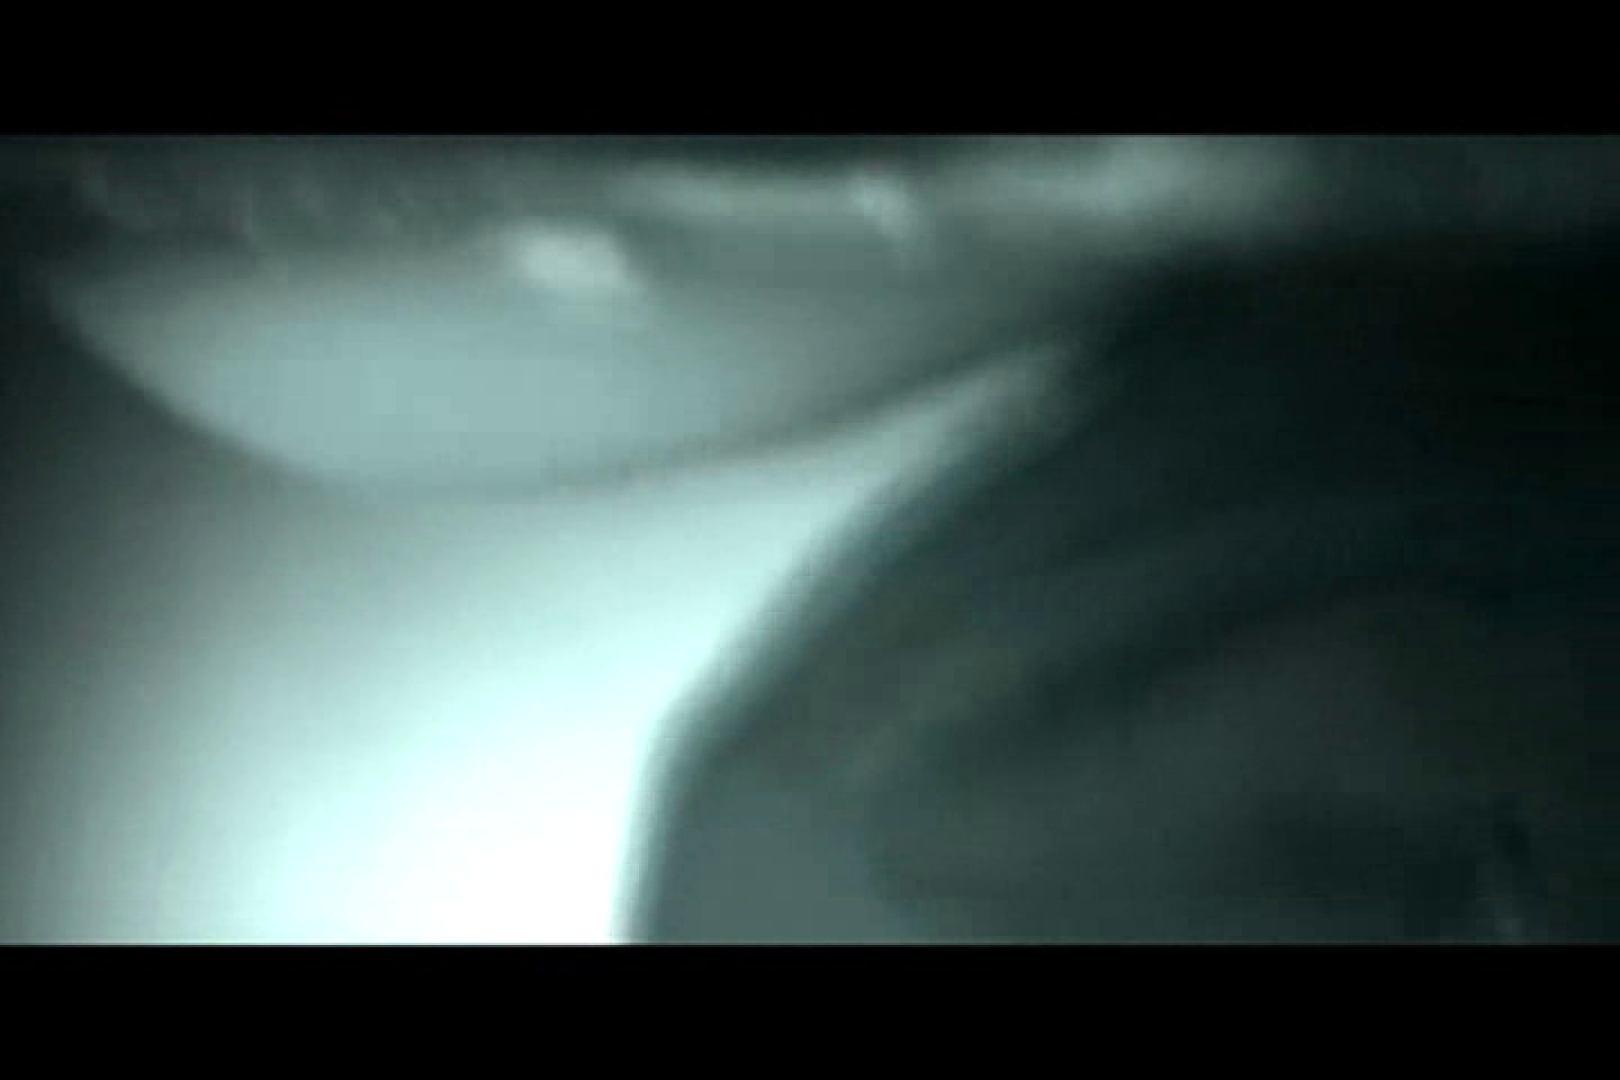 ぼっとん洗面所スペシャルVol.19 おまんこ丸見え | OL女体  87連発 7